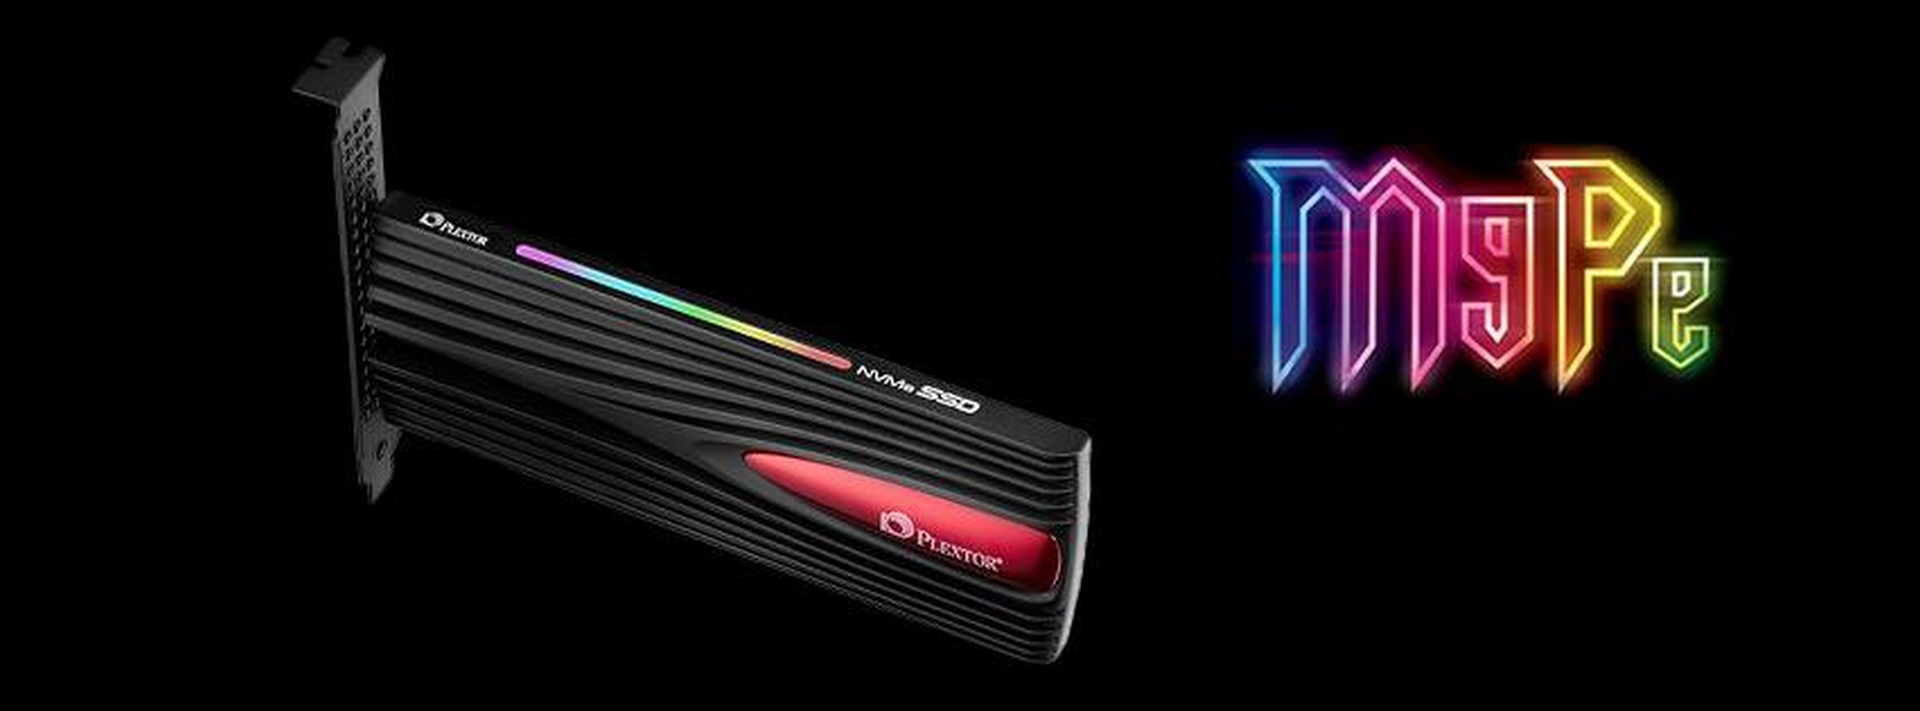 Gamingowe dyski Plextor z serii M9Pe dostępne na polskim rynku